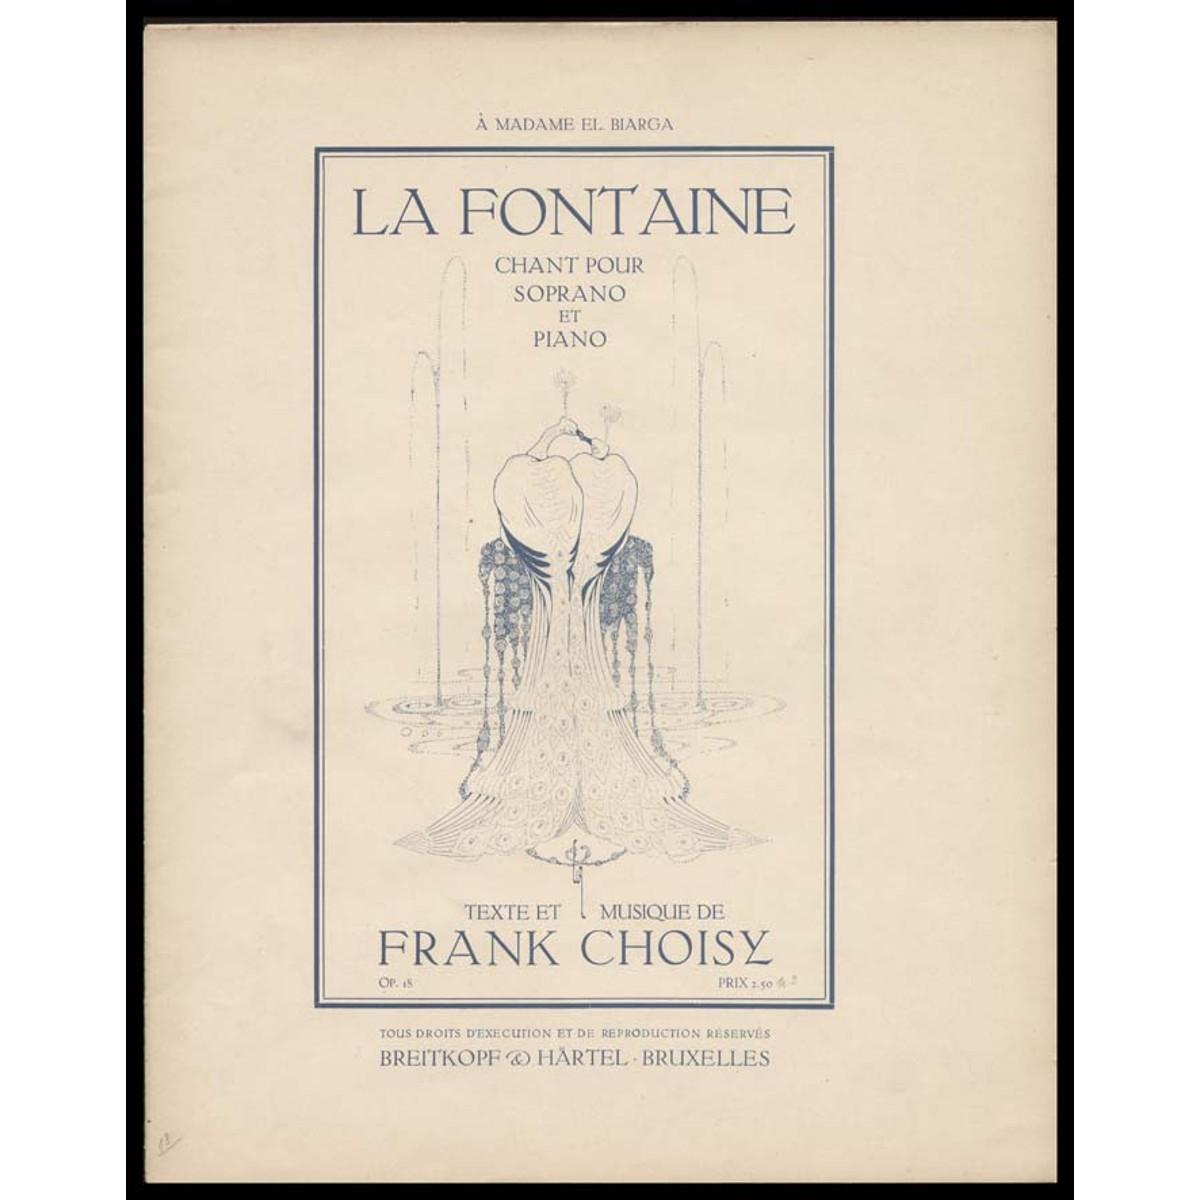 La Fontaine, για Πιάνο και Σοπράνο, από Frank Choisy.